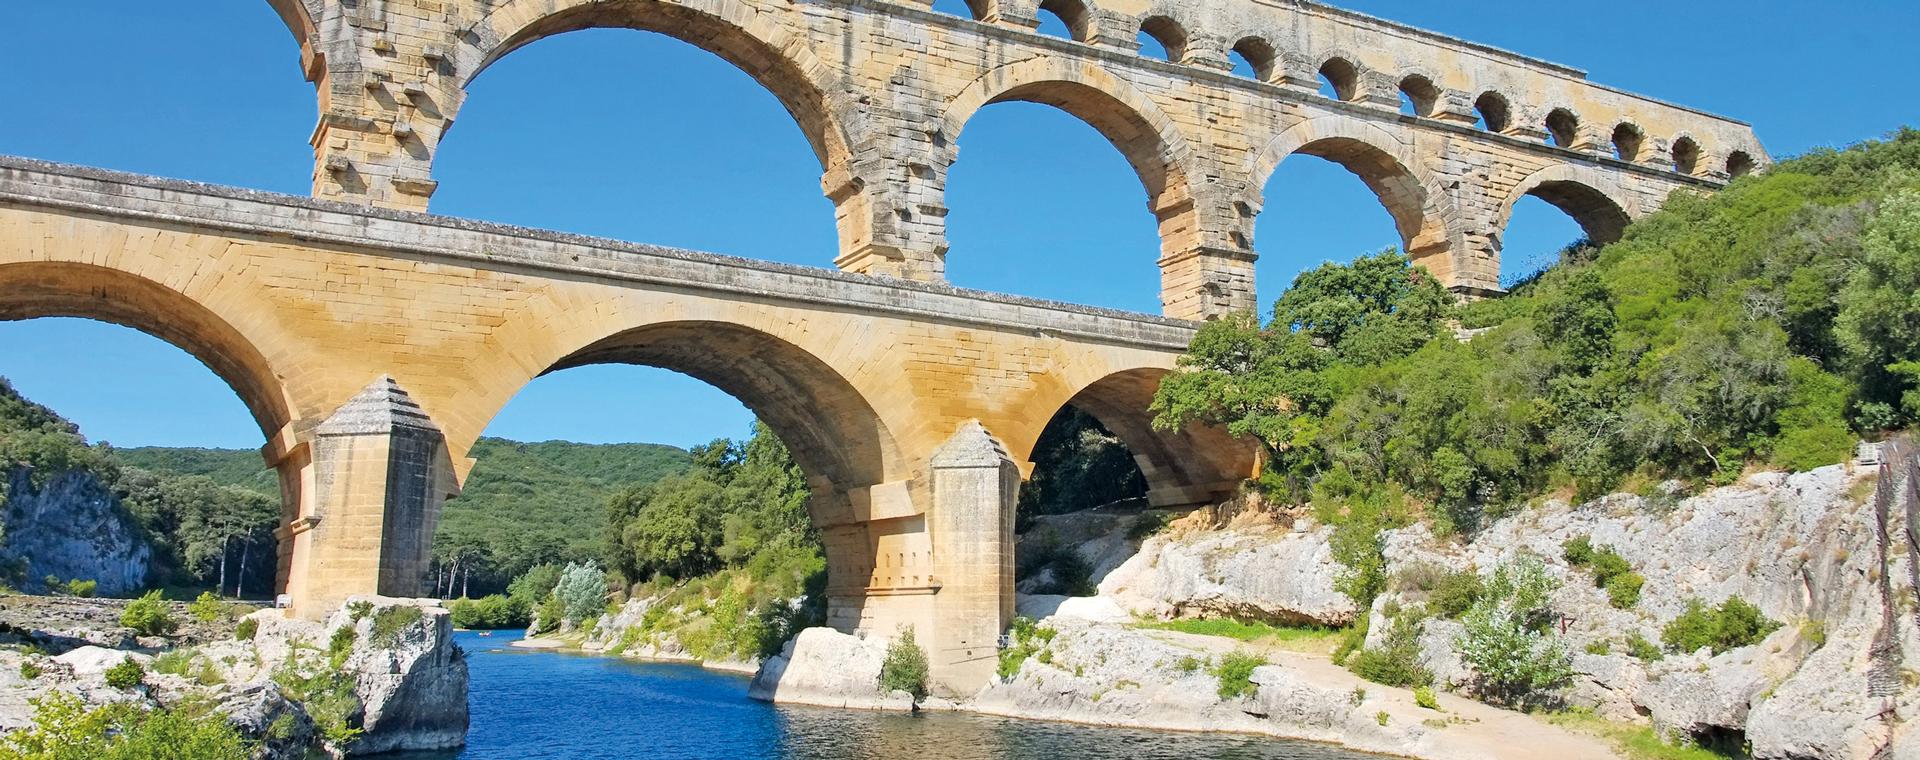 Image Provence et Camargue au fil du Rhône à vélo et bateau